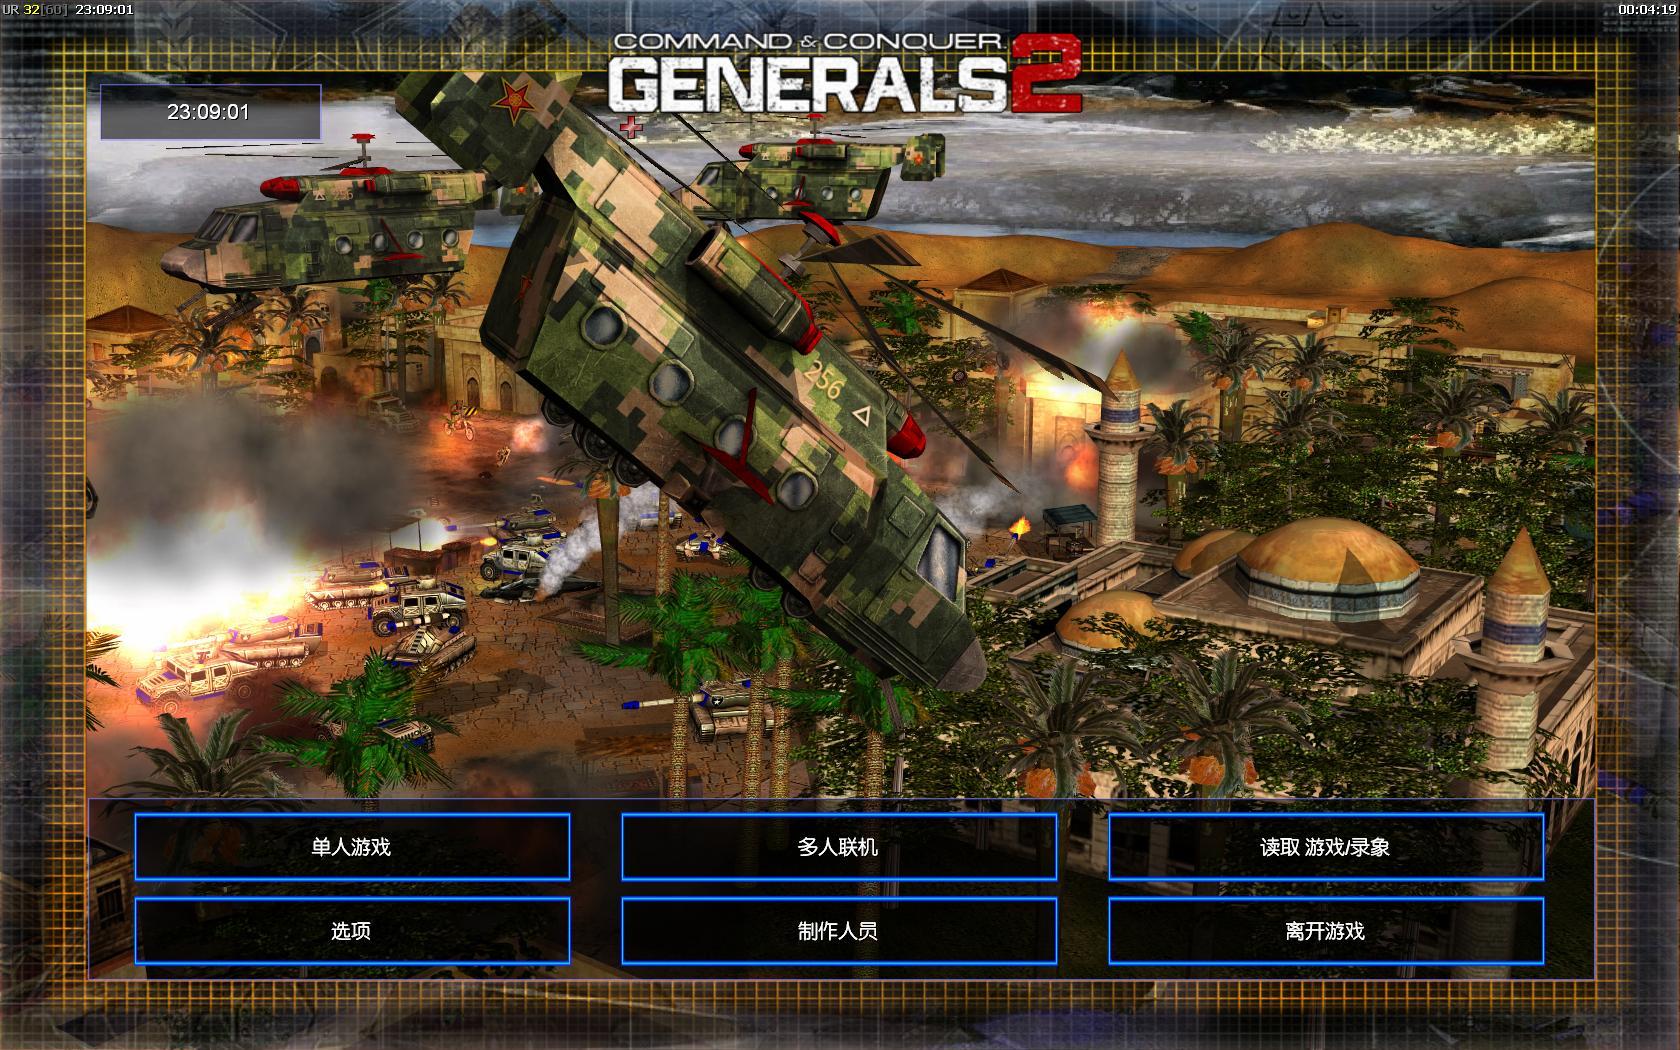 Command Conquer: Generals 2 image - Mod DB